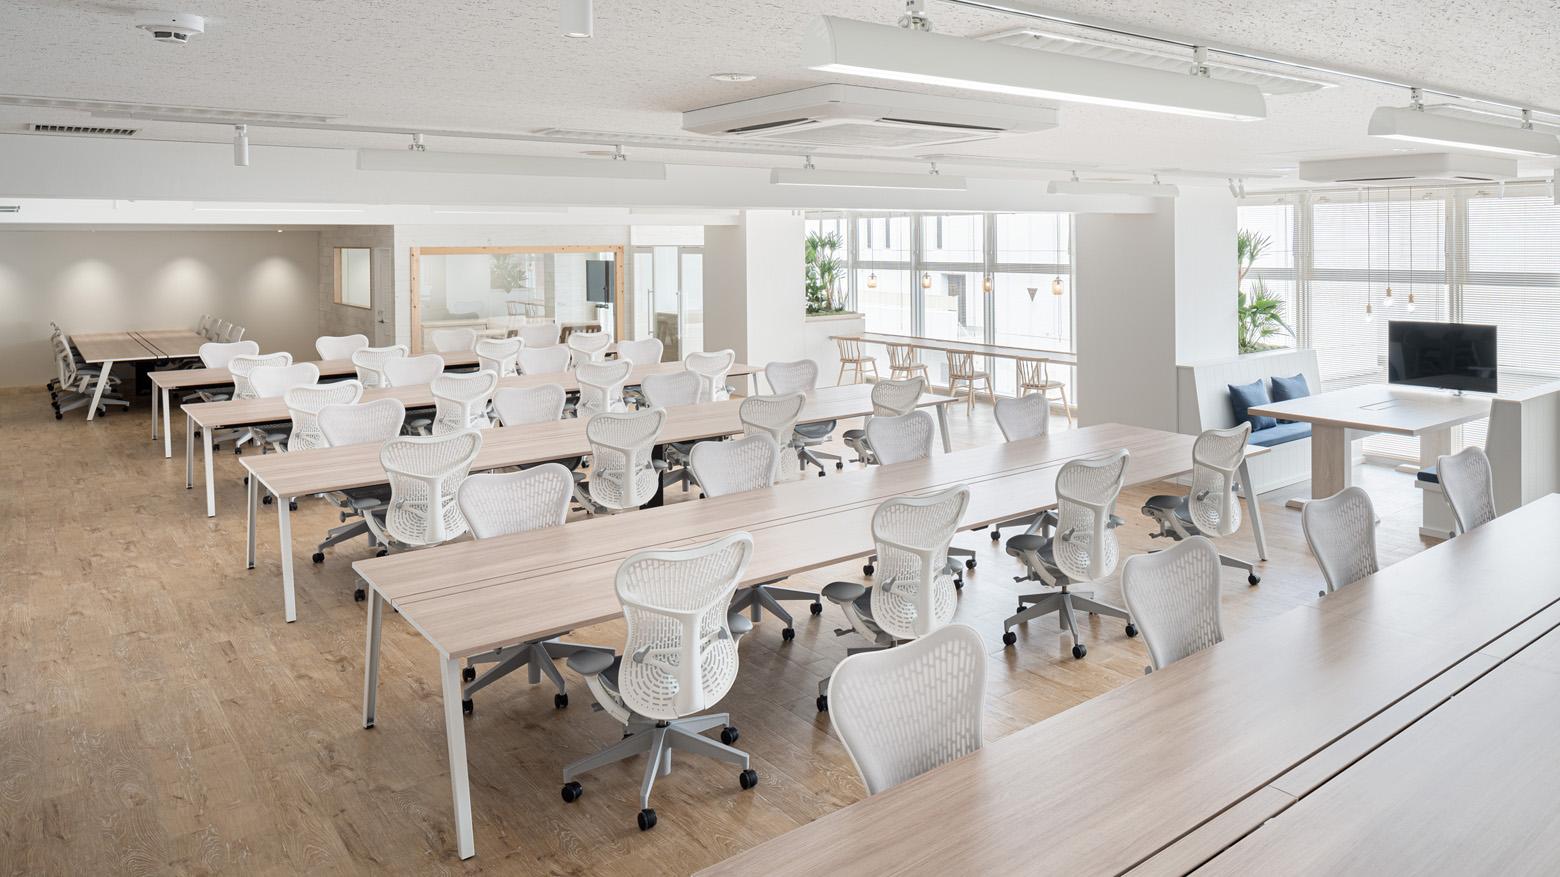 株式会社バリューファースト Workspace_4 デザイン・レイアウト事例